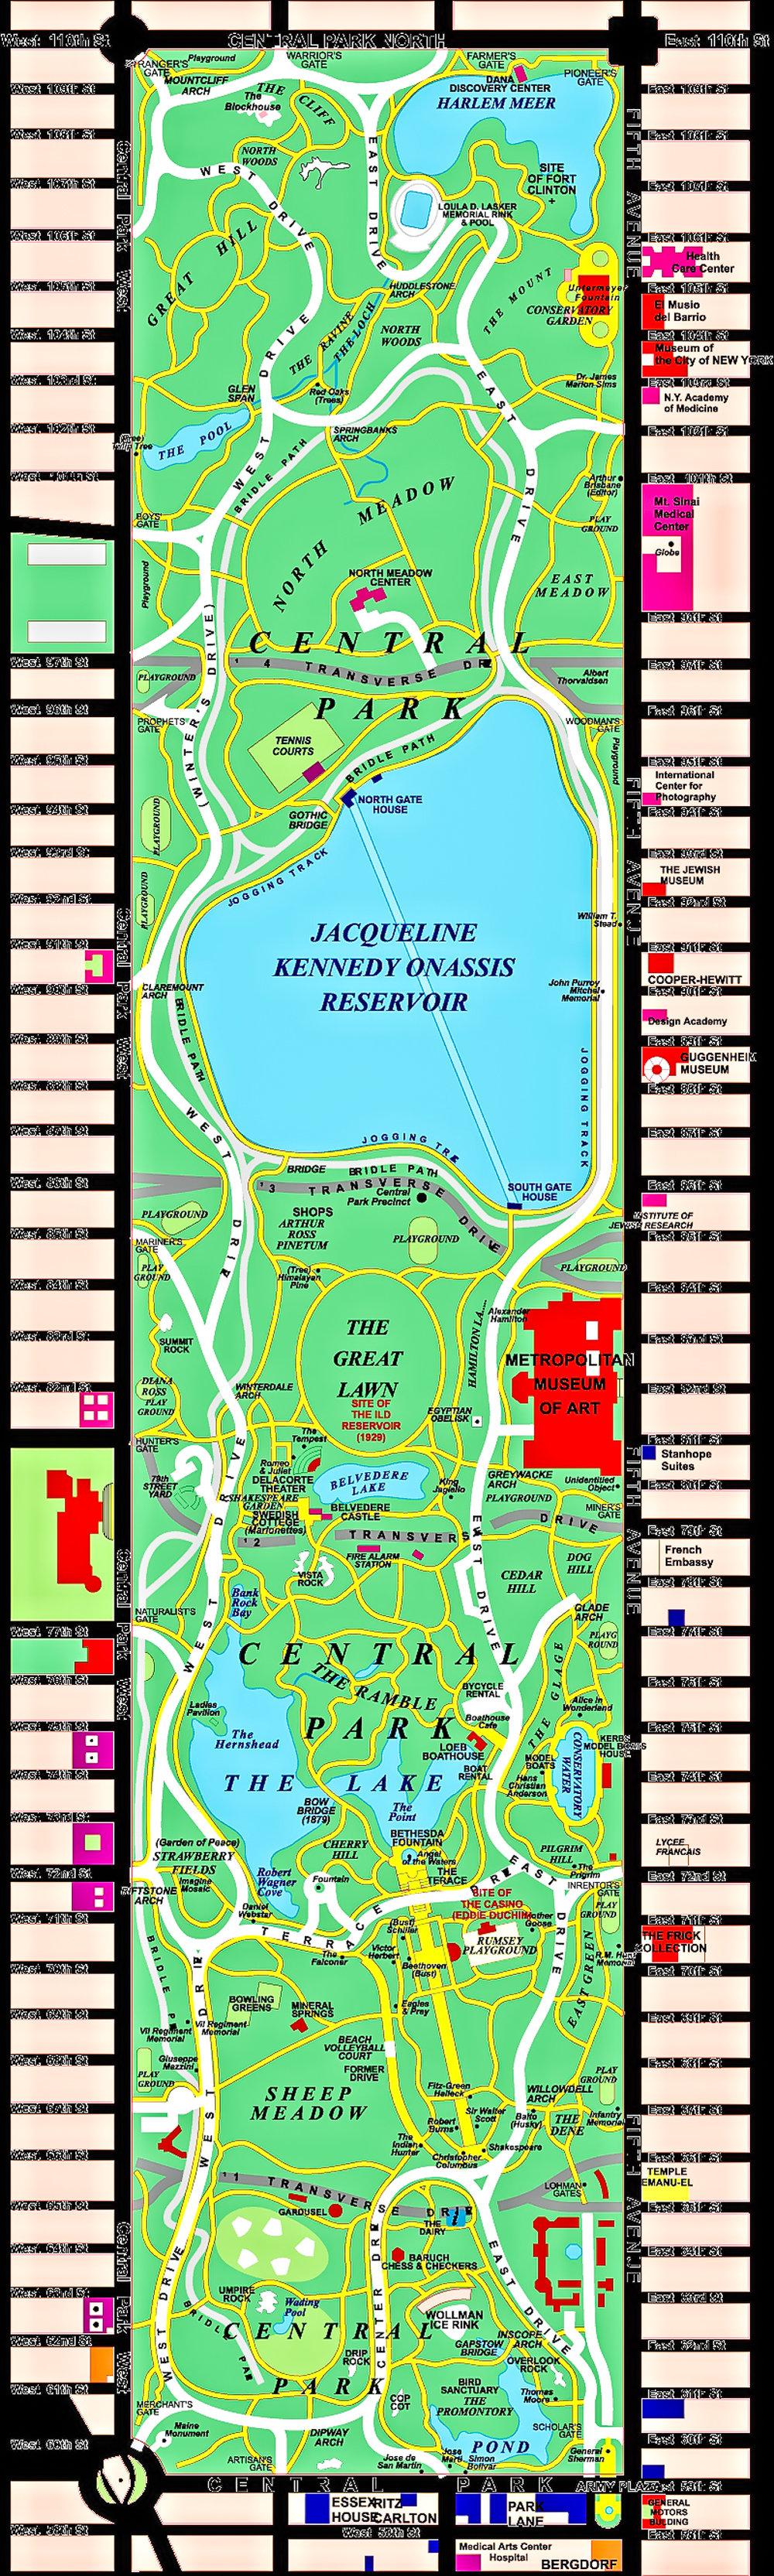 MAPPA DETTAGLIATA DI CENTRAL PARK. IMMAGINE: CENTRAL PARK CONSERVANCY